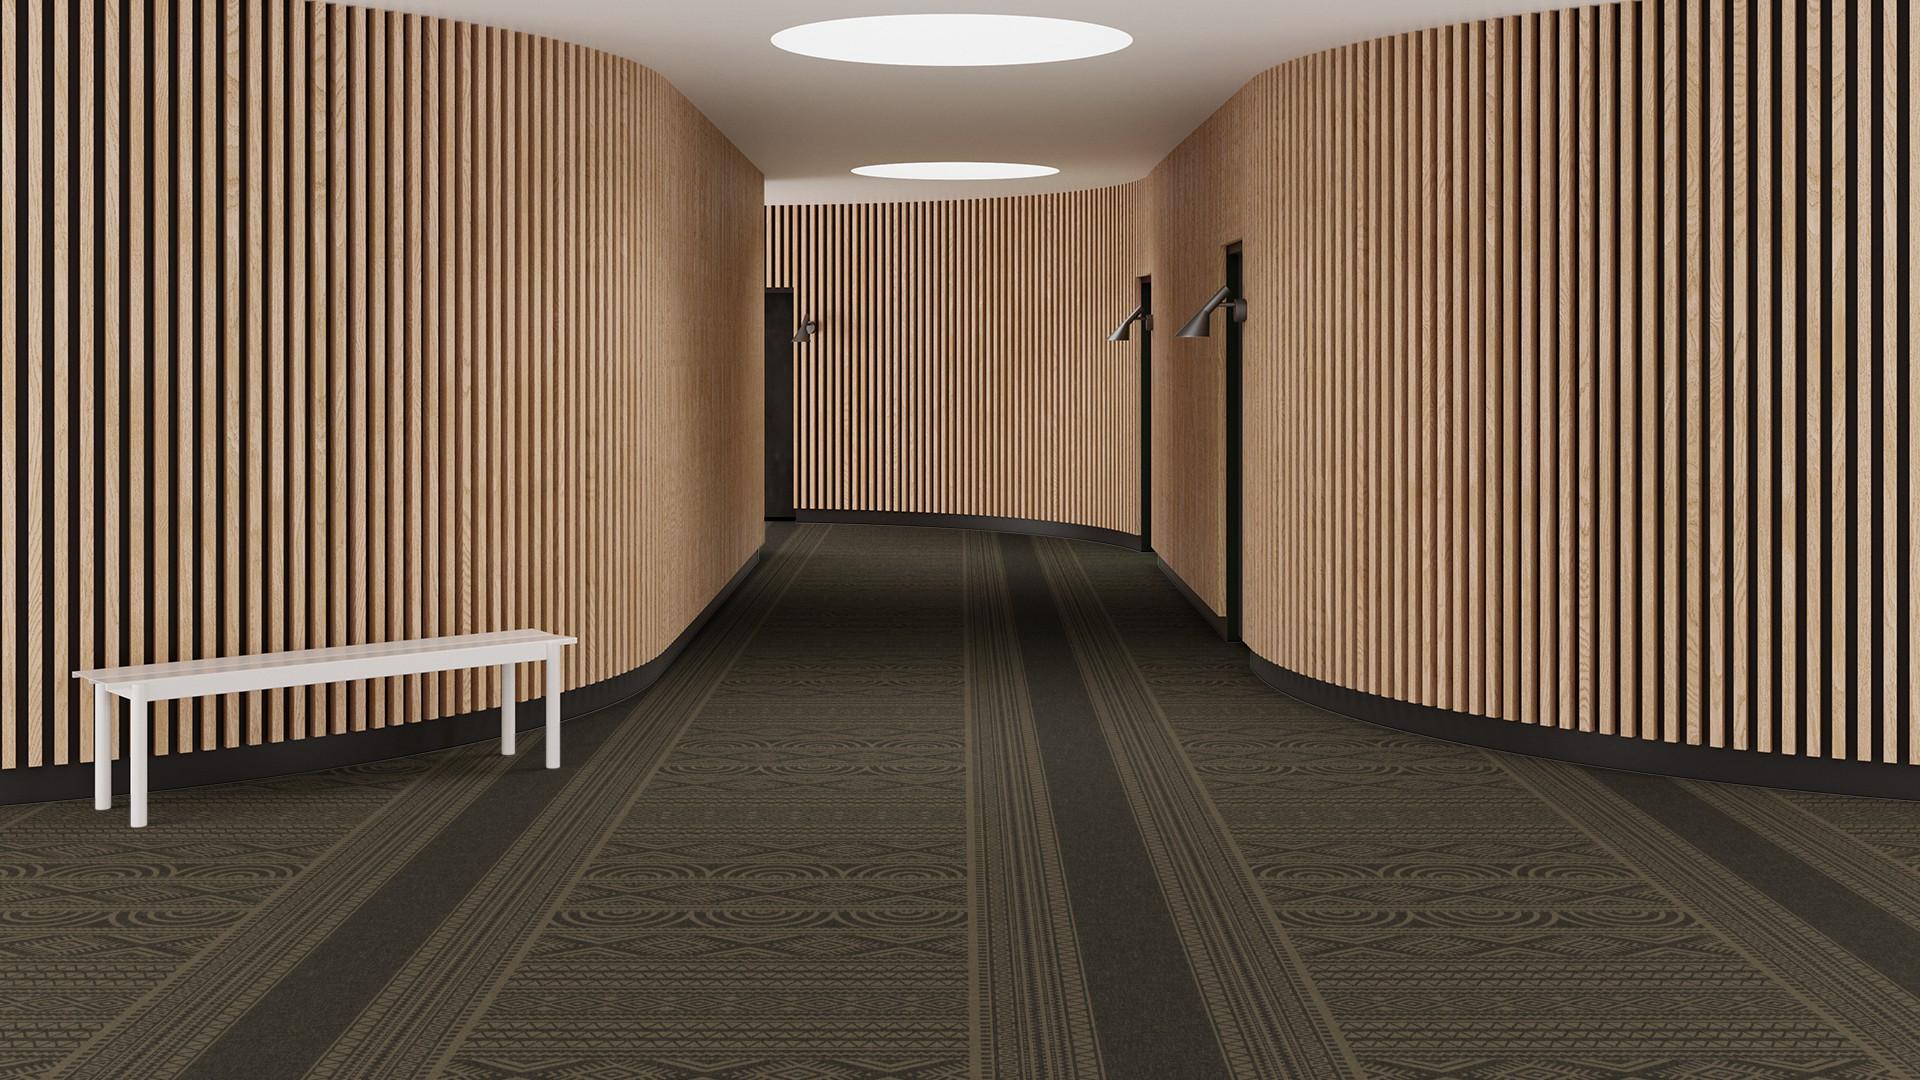 ghana corridor green RoowView 3